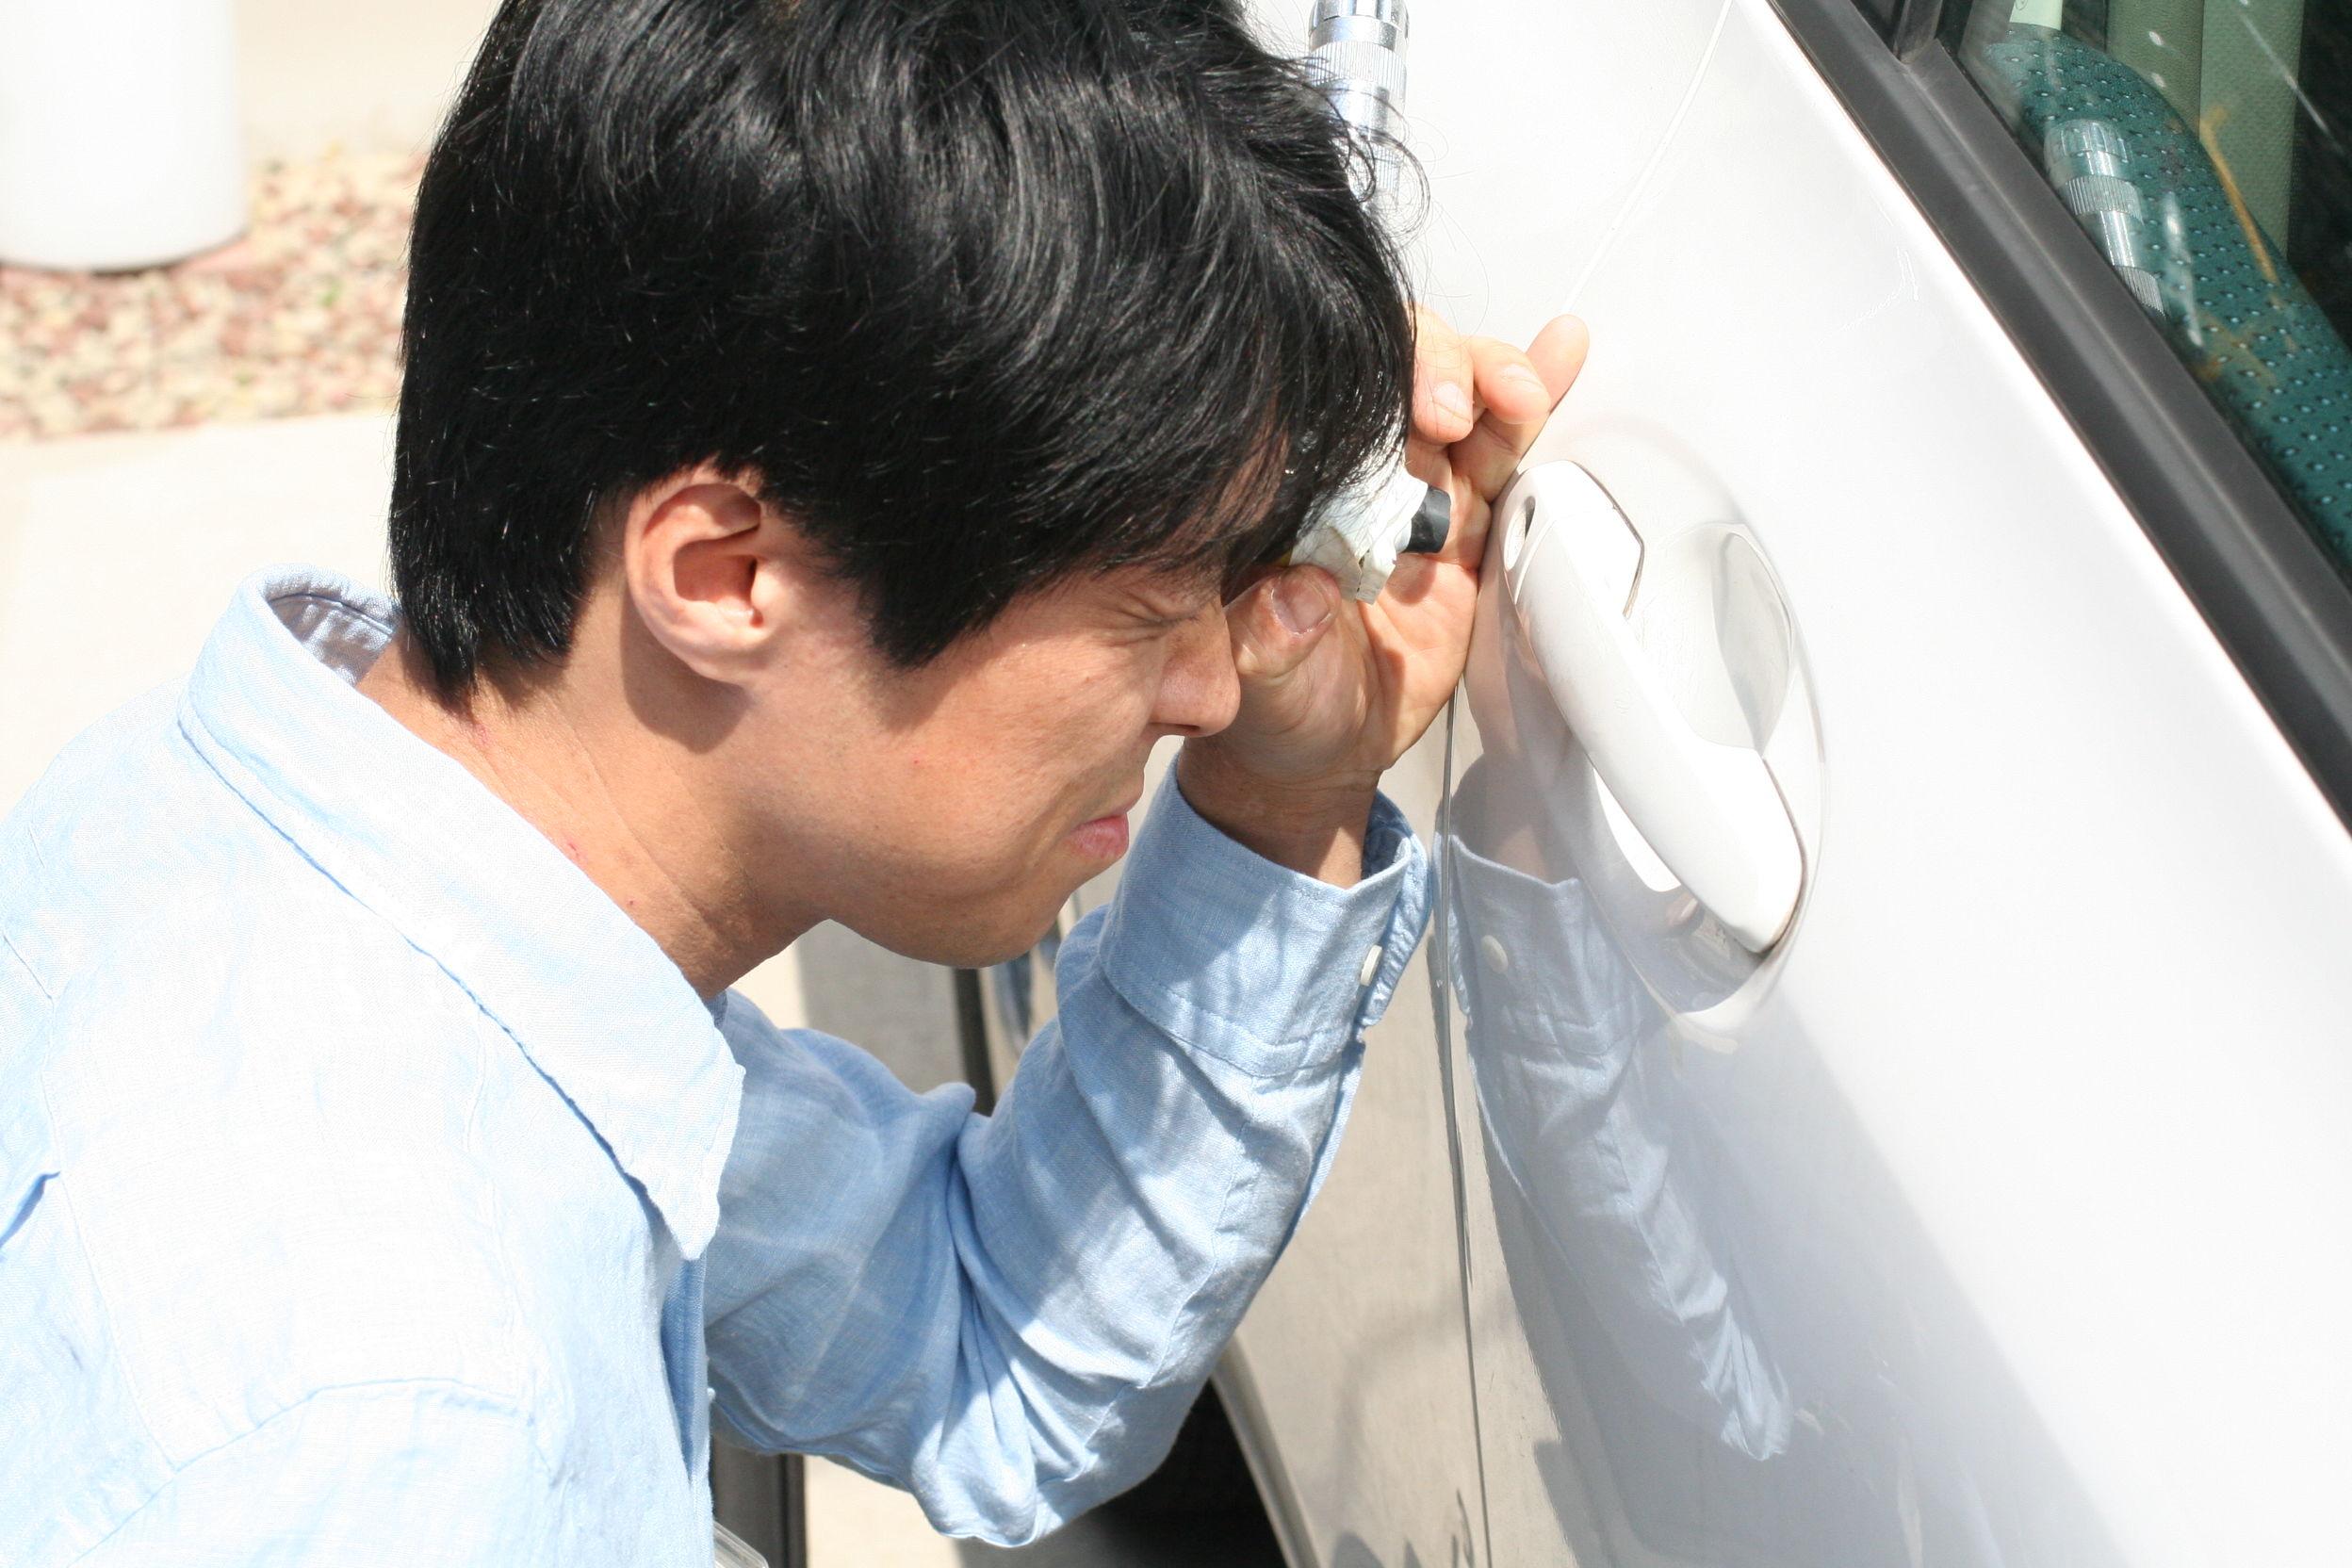 カギのトラブル救Q隊.24【名古屋市瑞穂区 出張エリア】のメイン画像